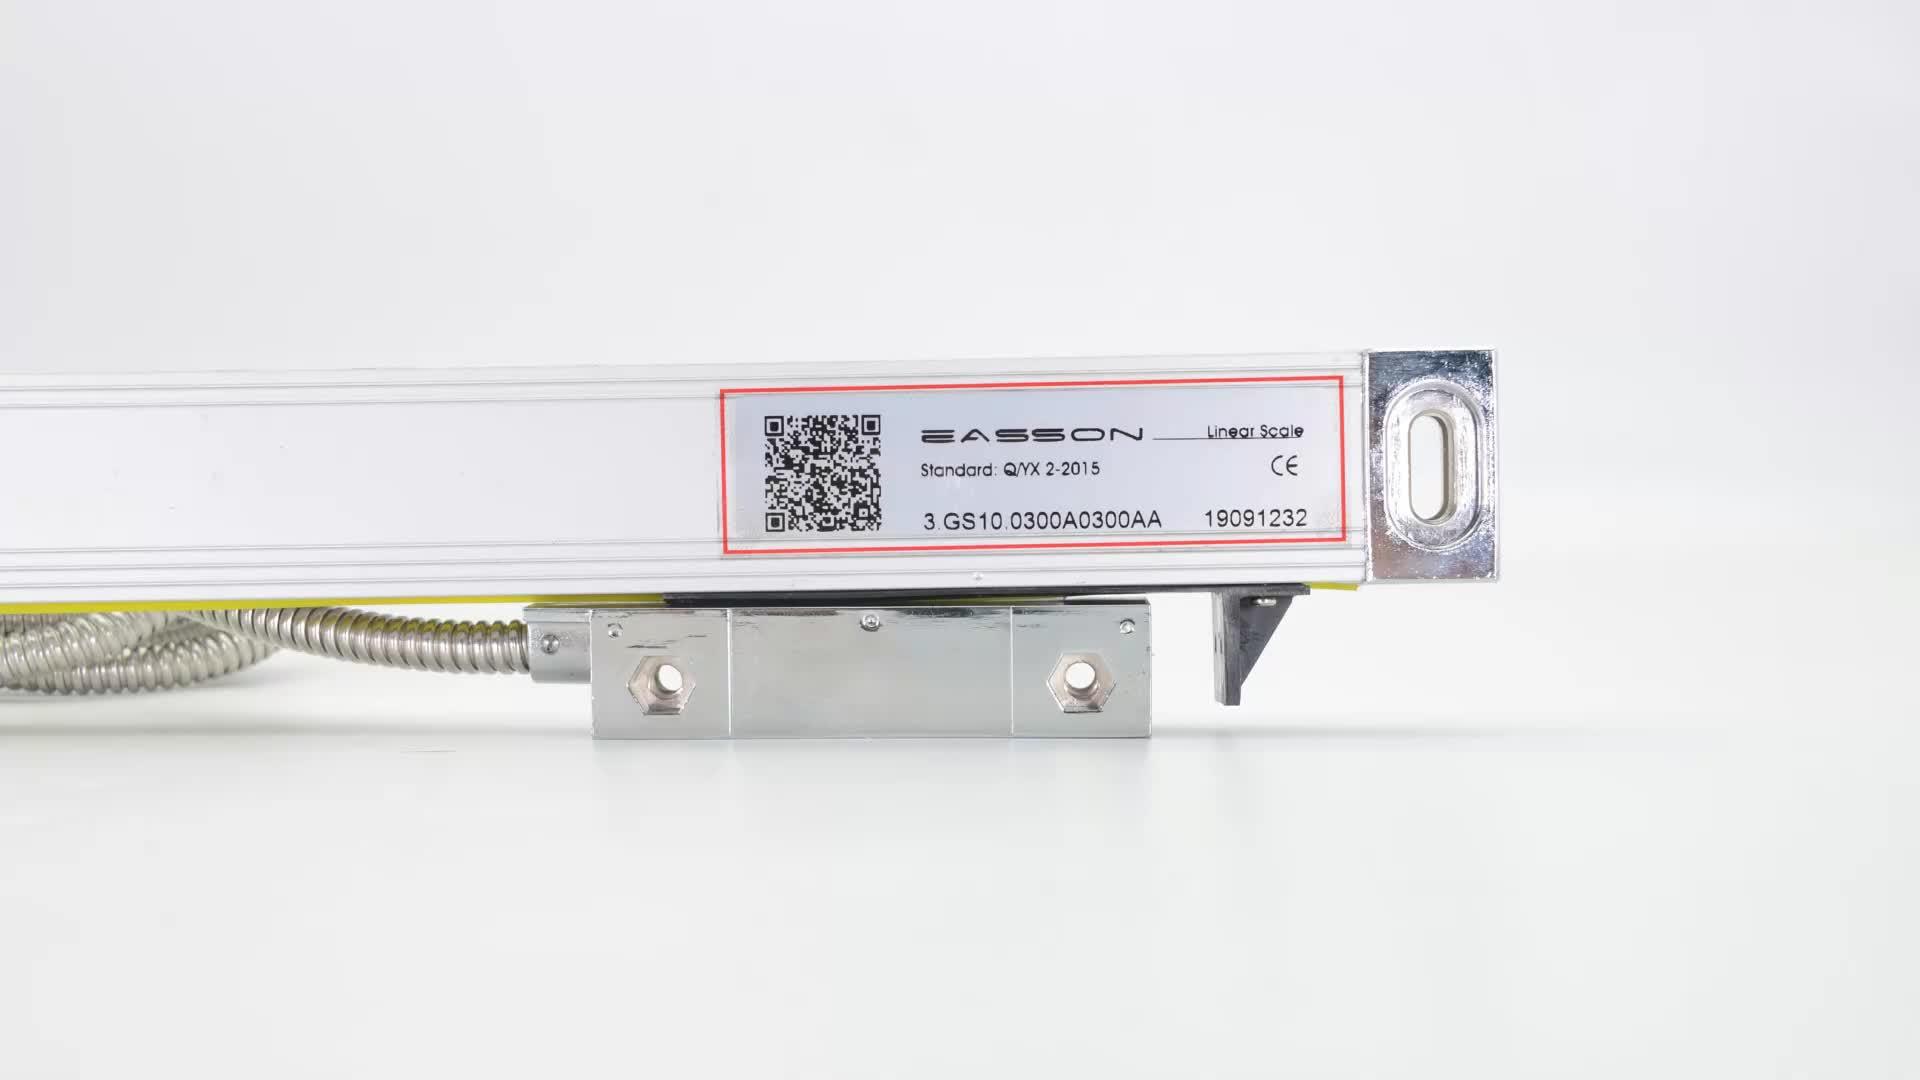 Easson 5V Plc Lineaire Schaal Digitale Optische Magnetische Lineaire Encoder Voor Frezen Draaibank Machine